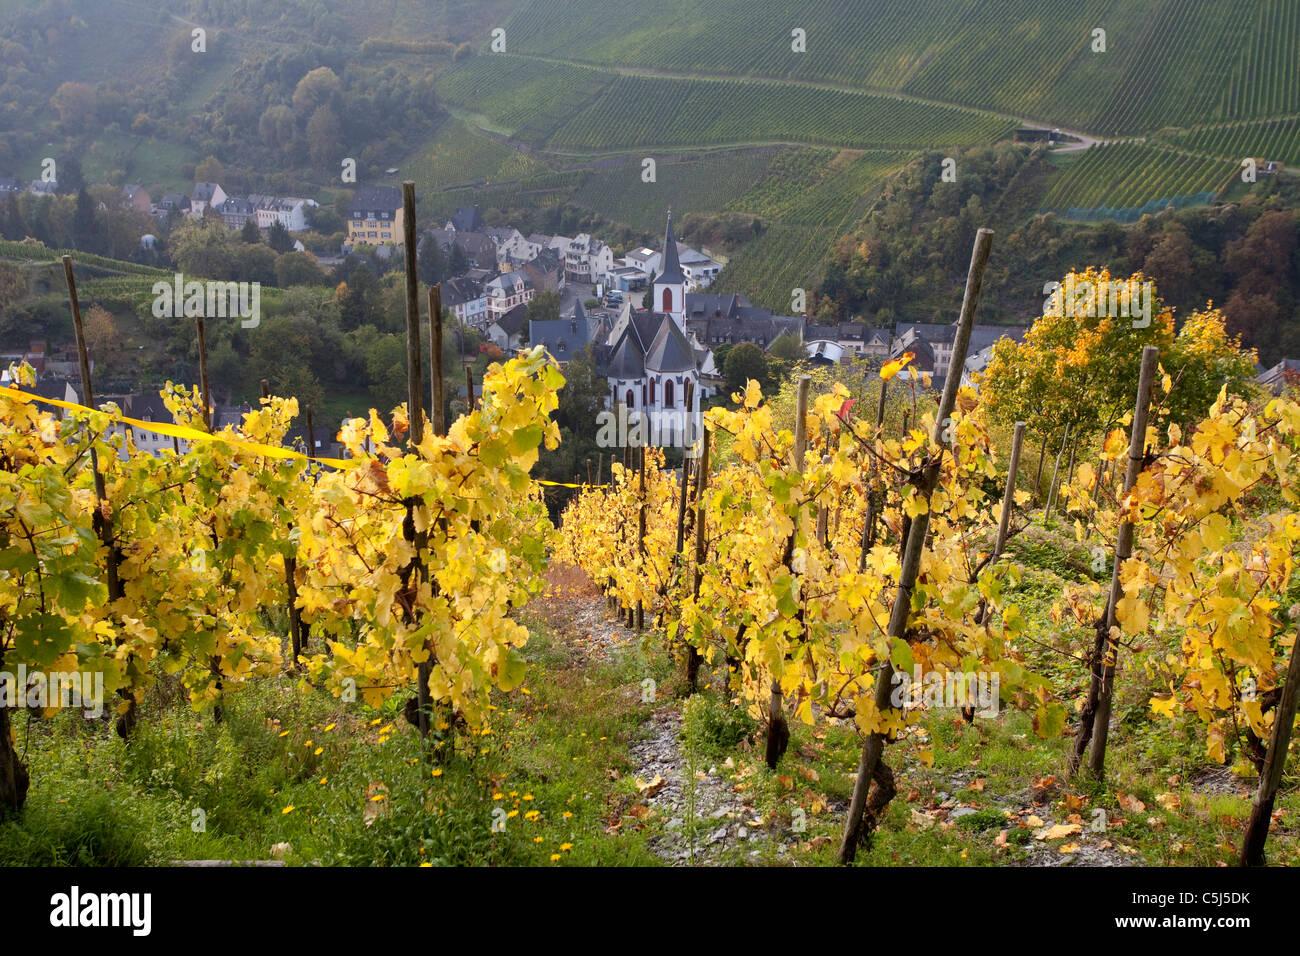 Weinberge Im Herbst Traben-Trarbach Mosel, Weinberg im Herbst fallen an Mosel Stockbild